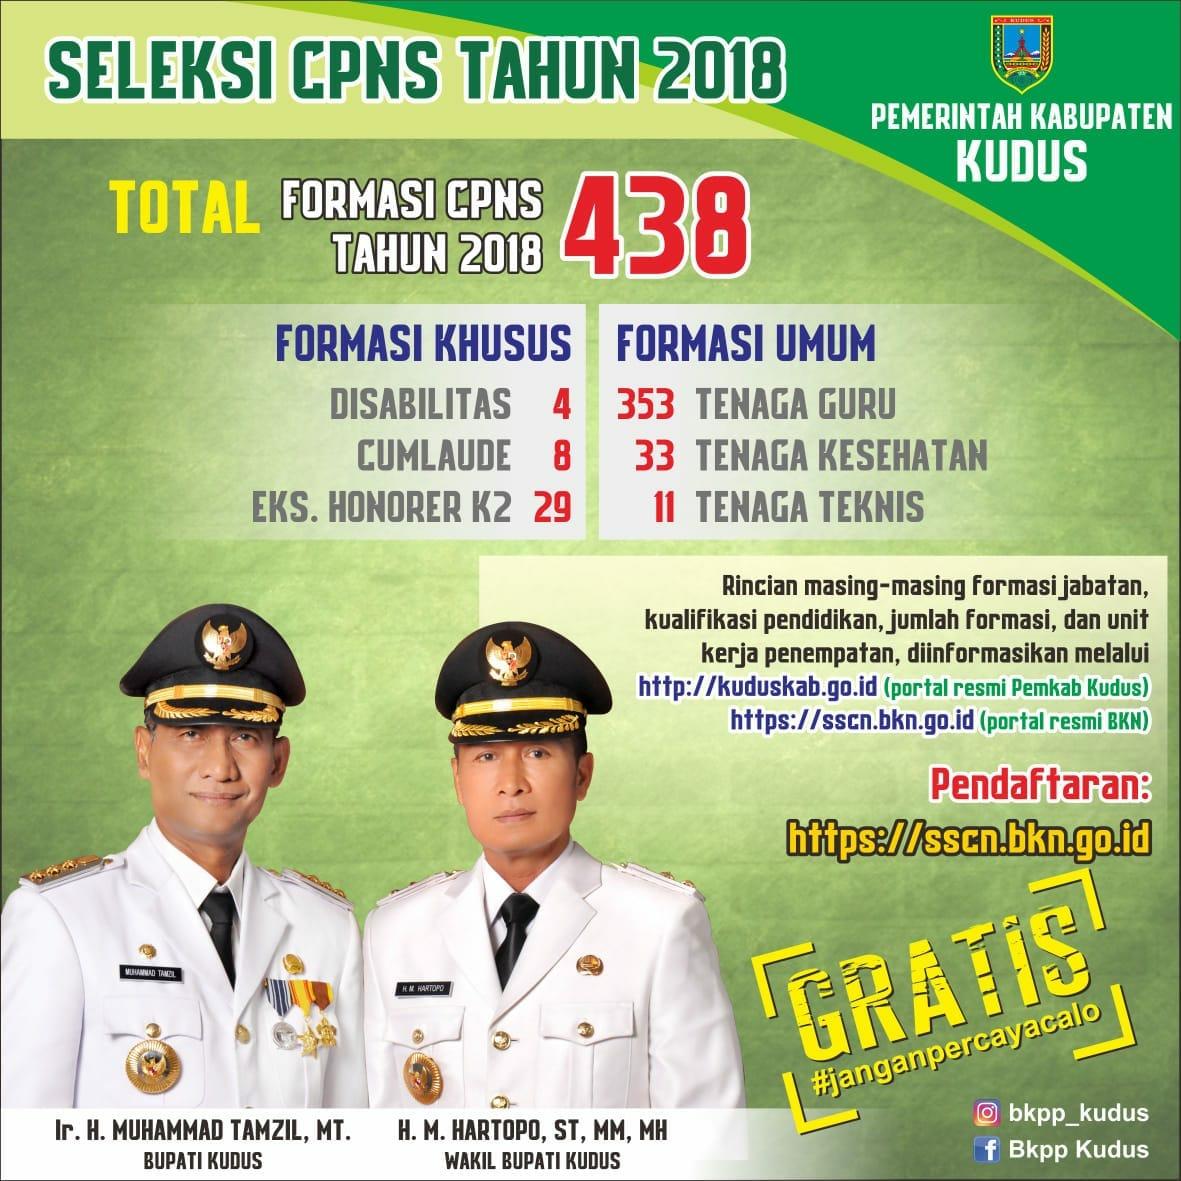 Pengumuman Seleksi CPNS di Lingkungan Pemerintah Kabupaten Kudus Formasi Tahun 2018